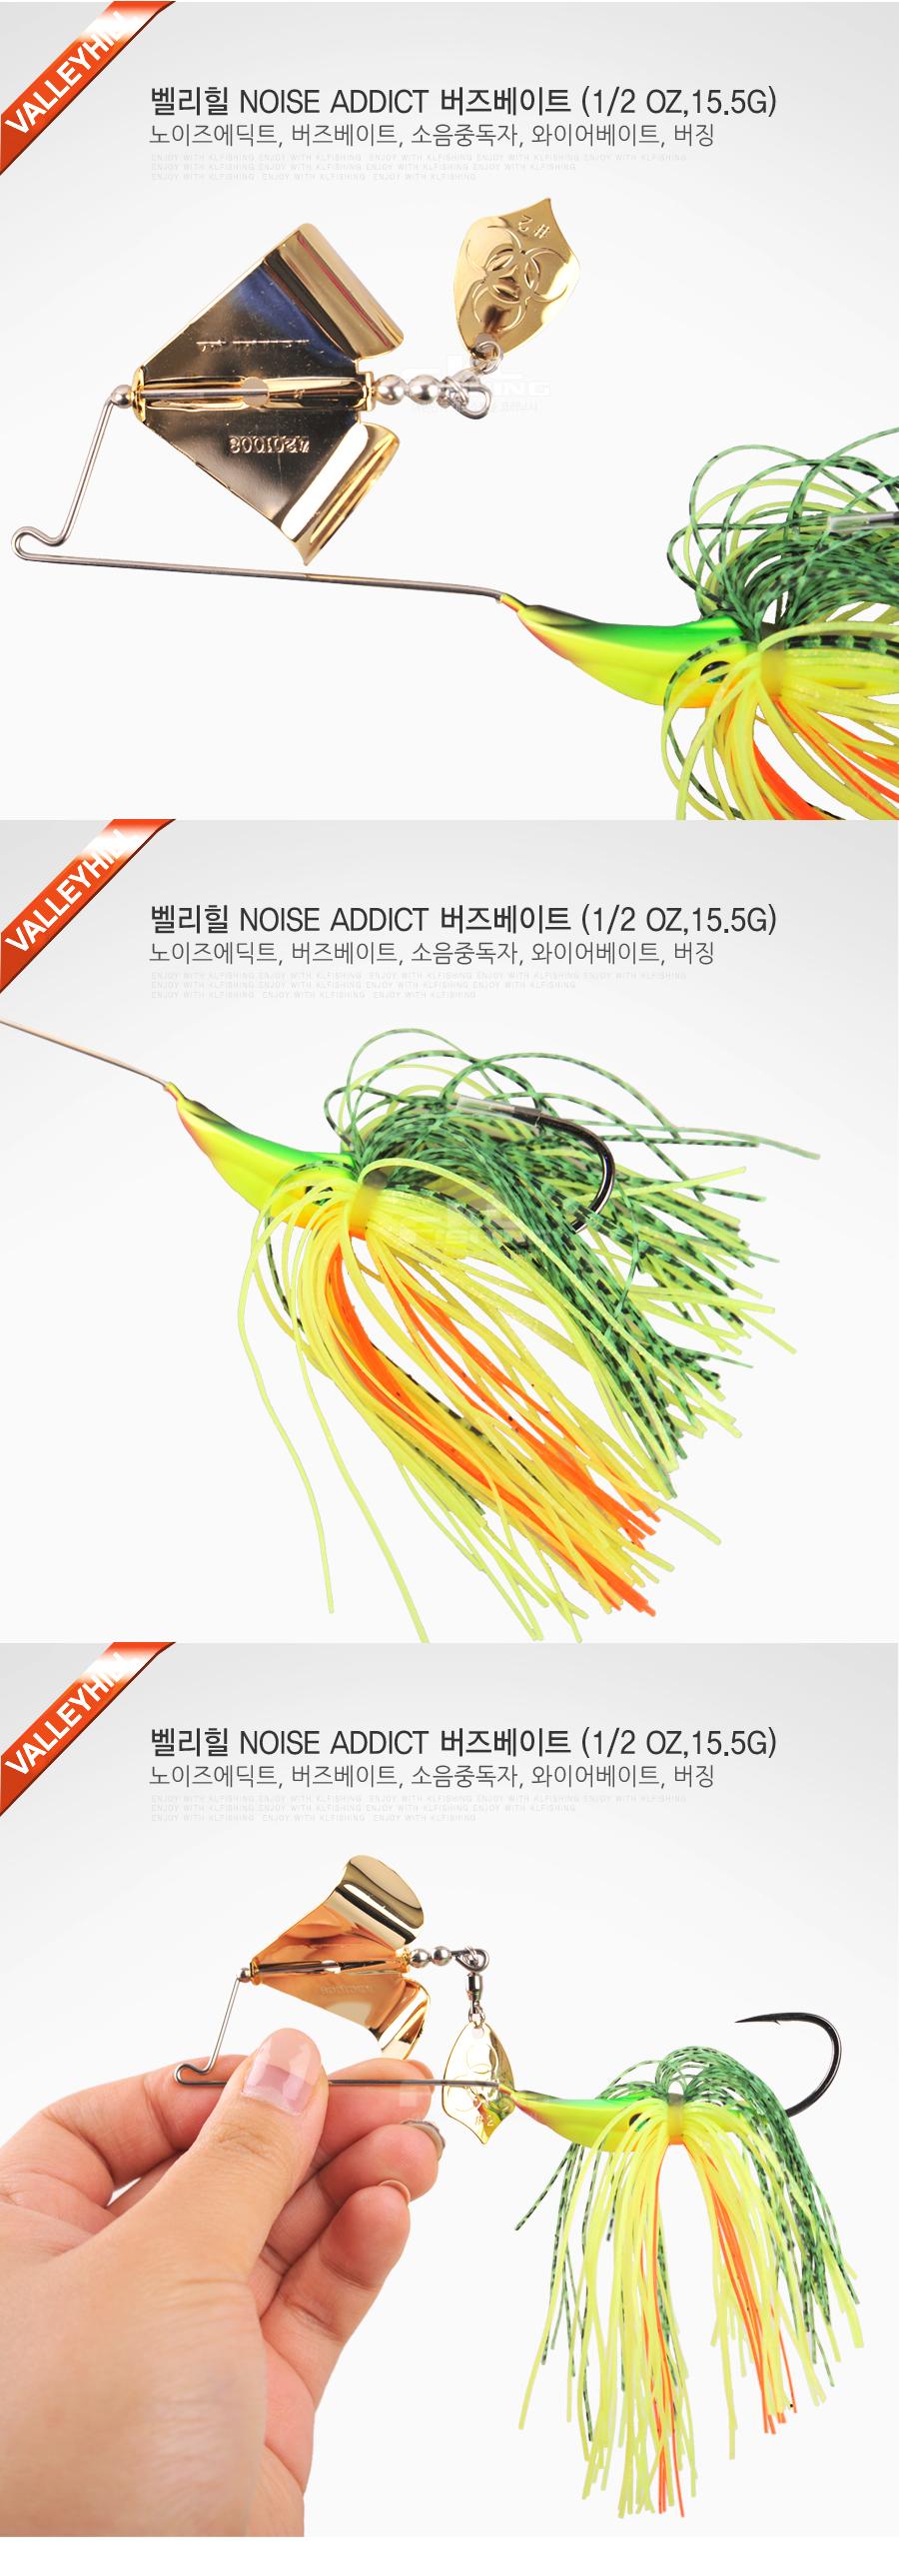 벨리힐 NOISE ADDICT 버즈베이트 (1/2 oz,15.5g) (MADE IN JAPAN) BUZZBAIT 노이즈에딕트 버즈베이트 소음중독자 와이어베이트 버징 벌징 일산버즈 일제버즈